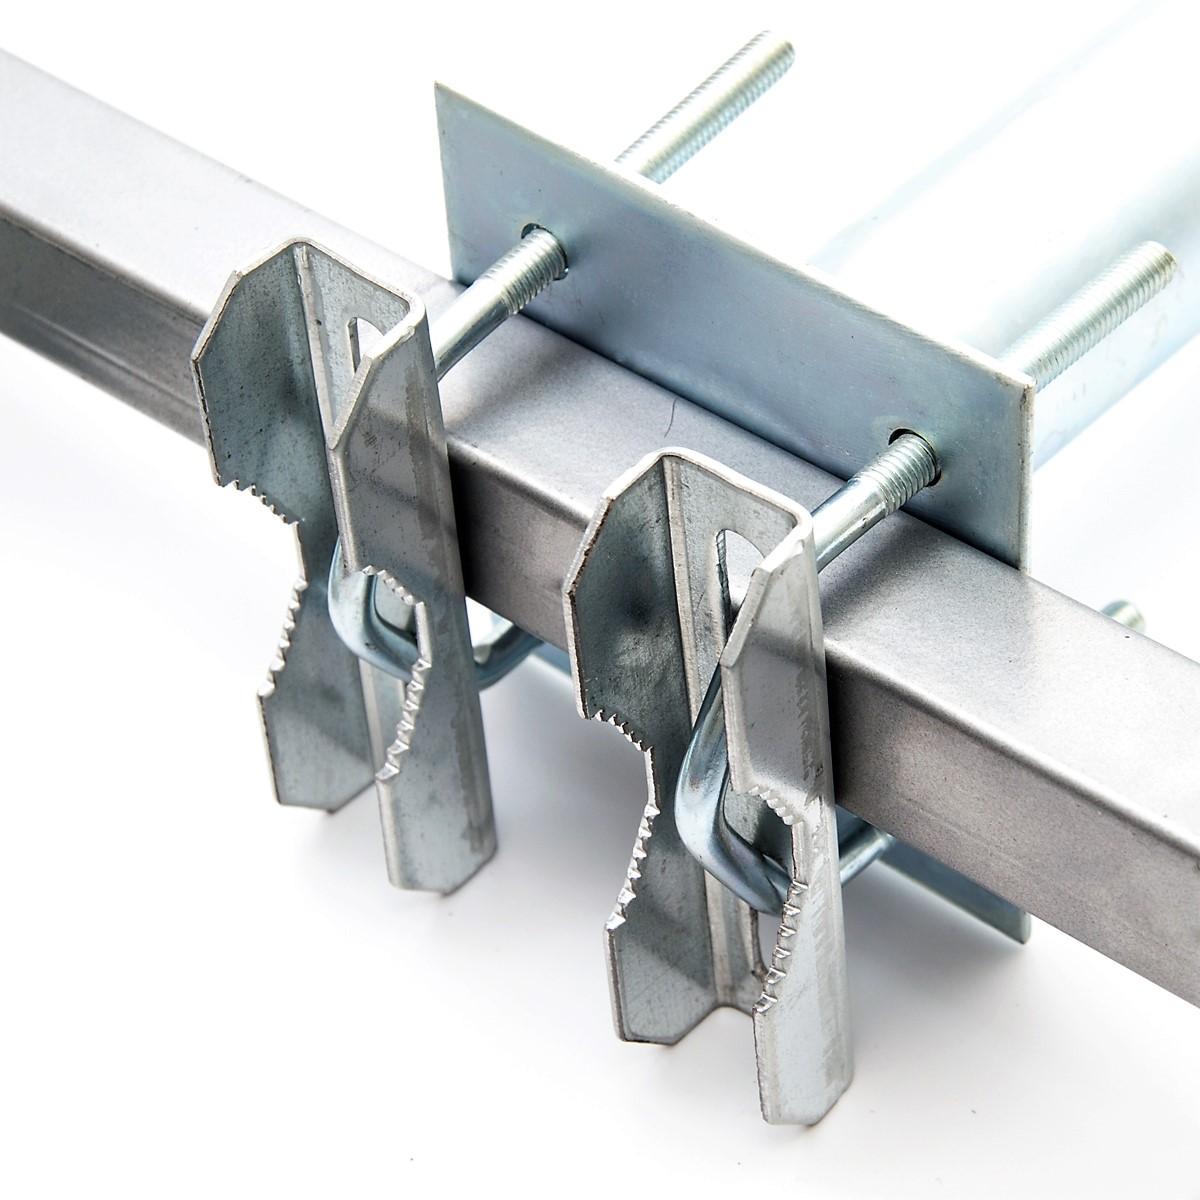 PremiumX 45cm Balkonausleger Stahl Geländerhalter SAT Antenne Balkon-Mast-Halter Ausleger L-Form